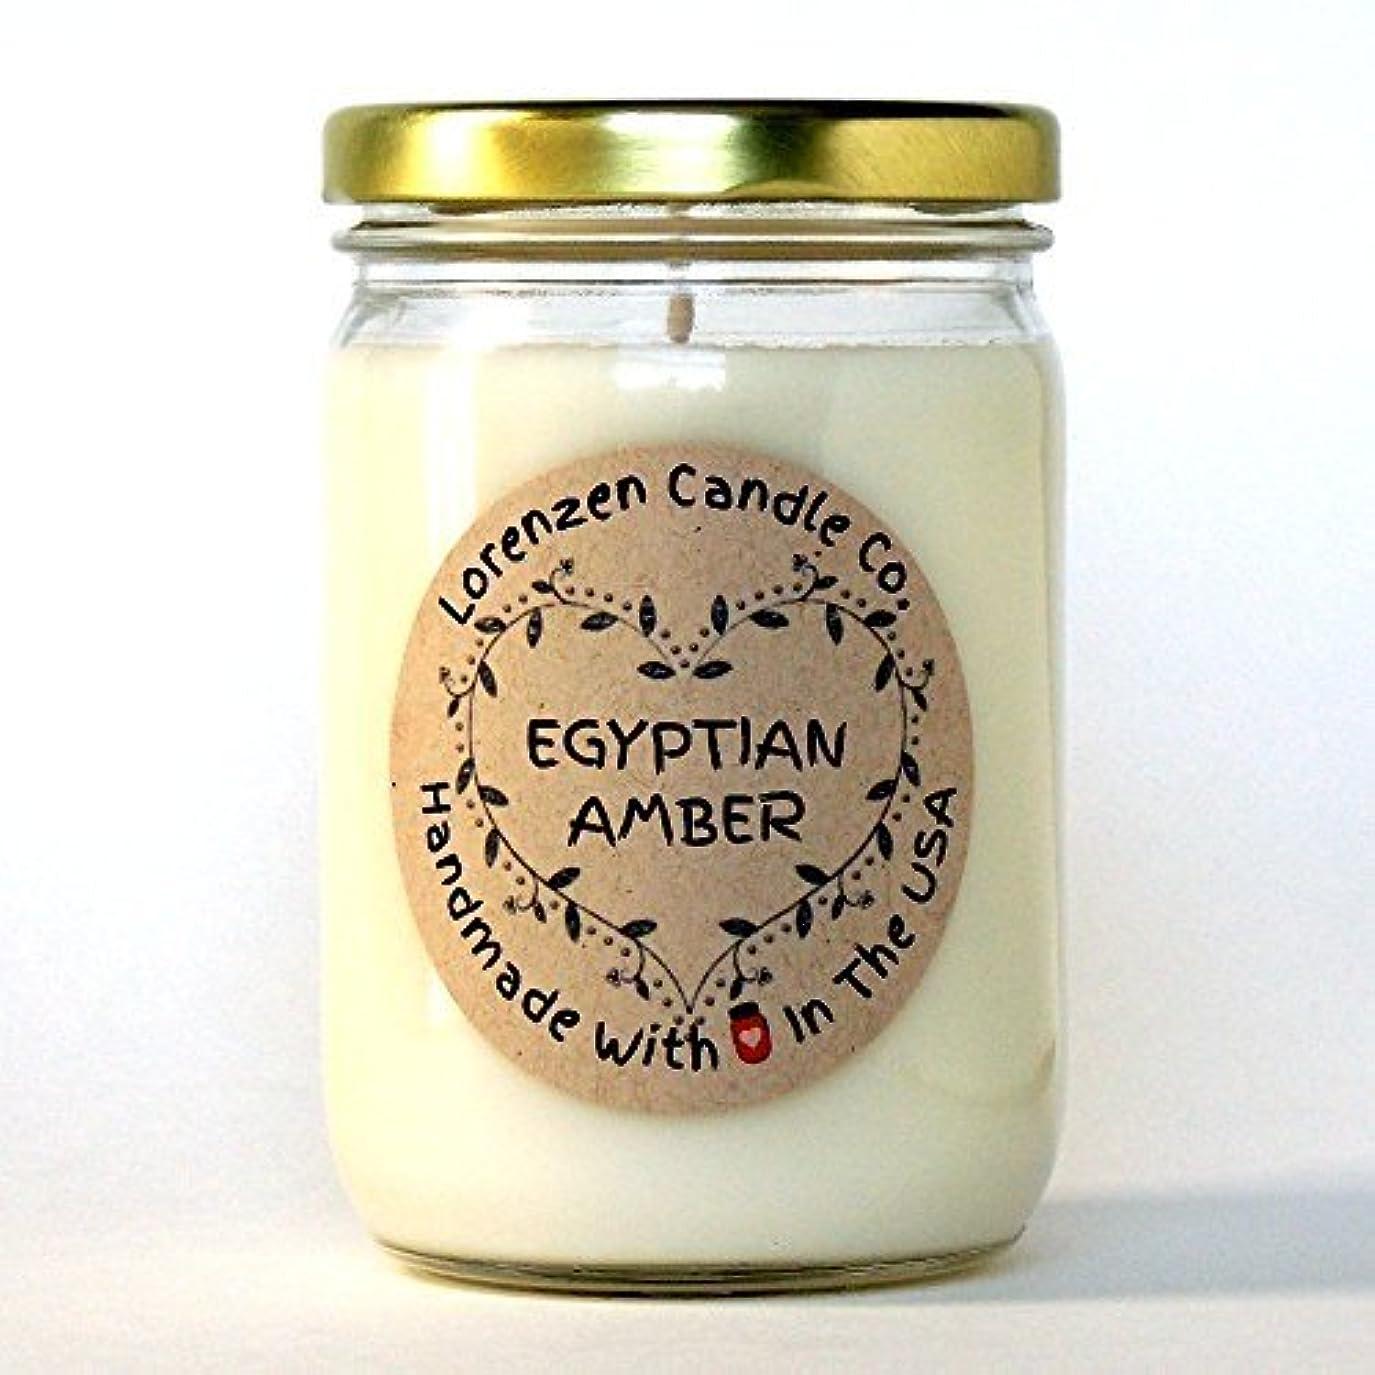 ミシンレーザ開梱Egyptian Amber Soy Candle 12oz [並行輸入品]